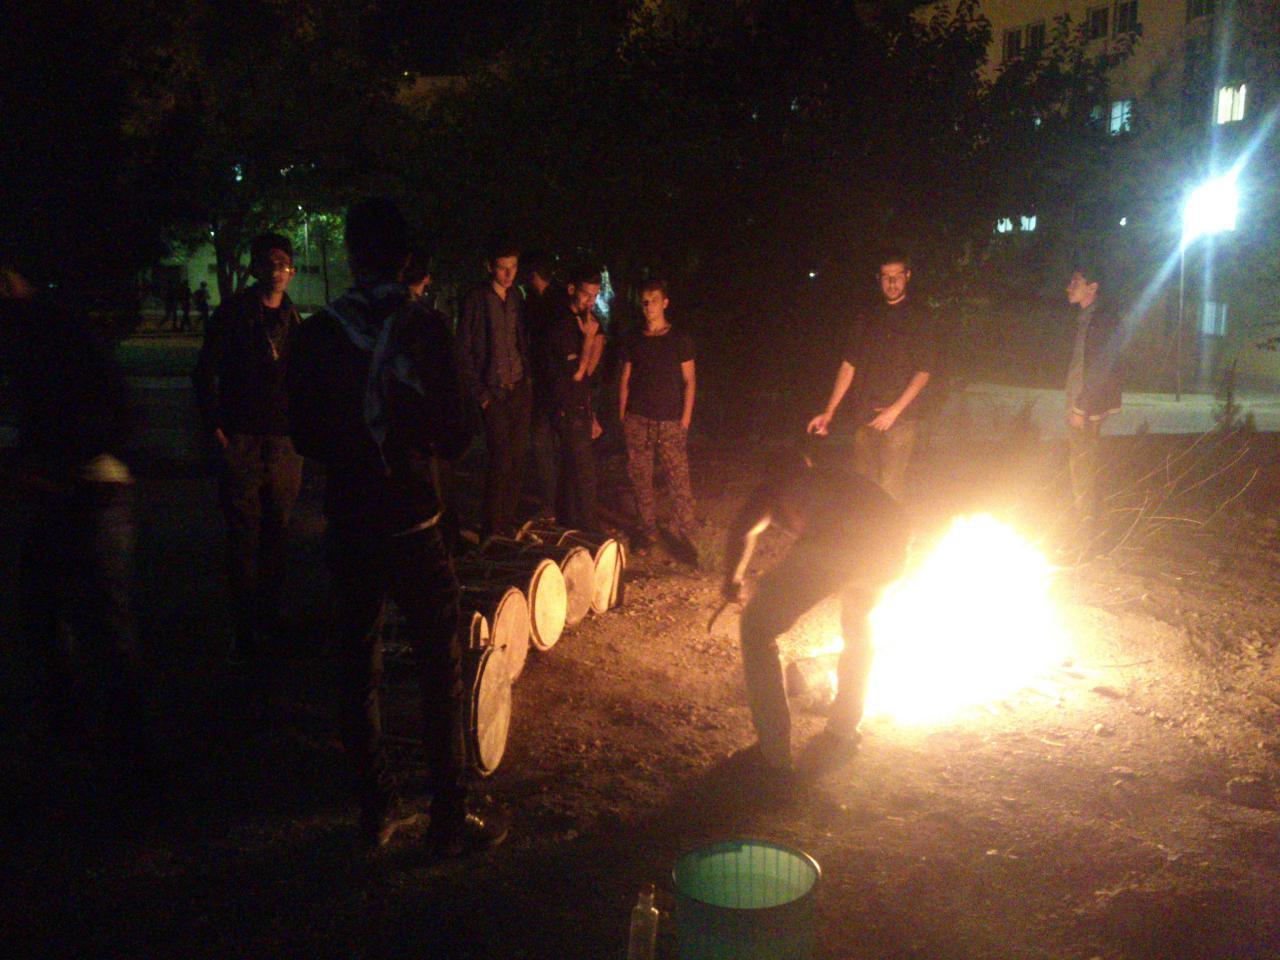 شب چهارم محرم دانشگاه صنعتی اصفهان ، بچه های هیات جنوب دارند دمام ها را گرم می کنند